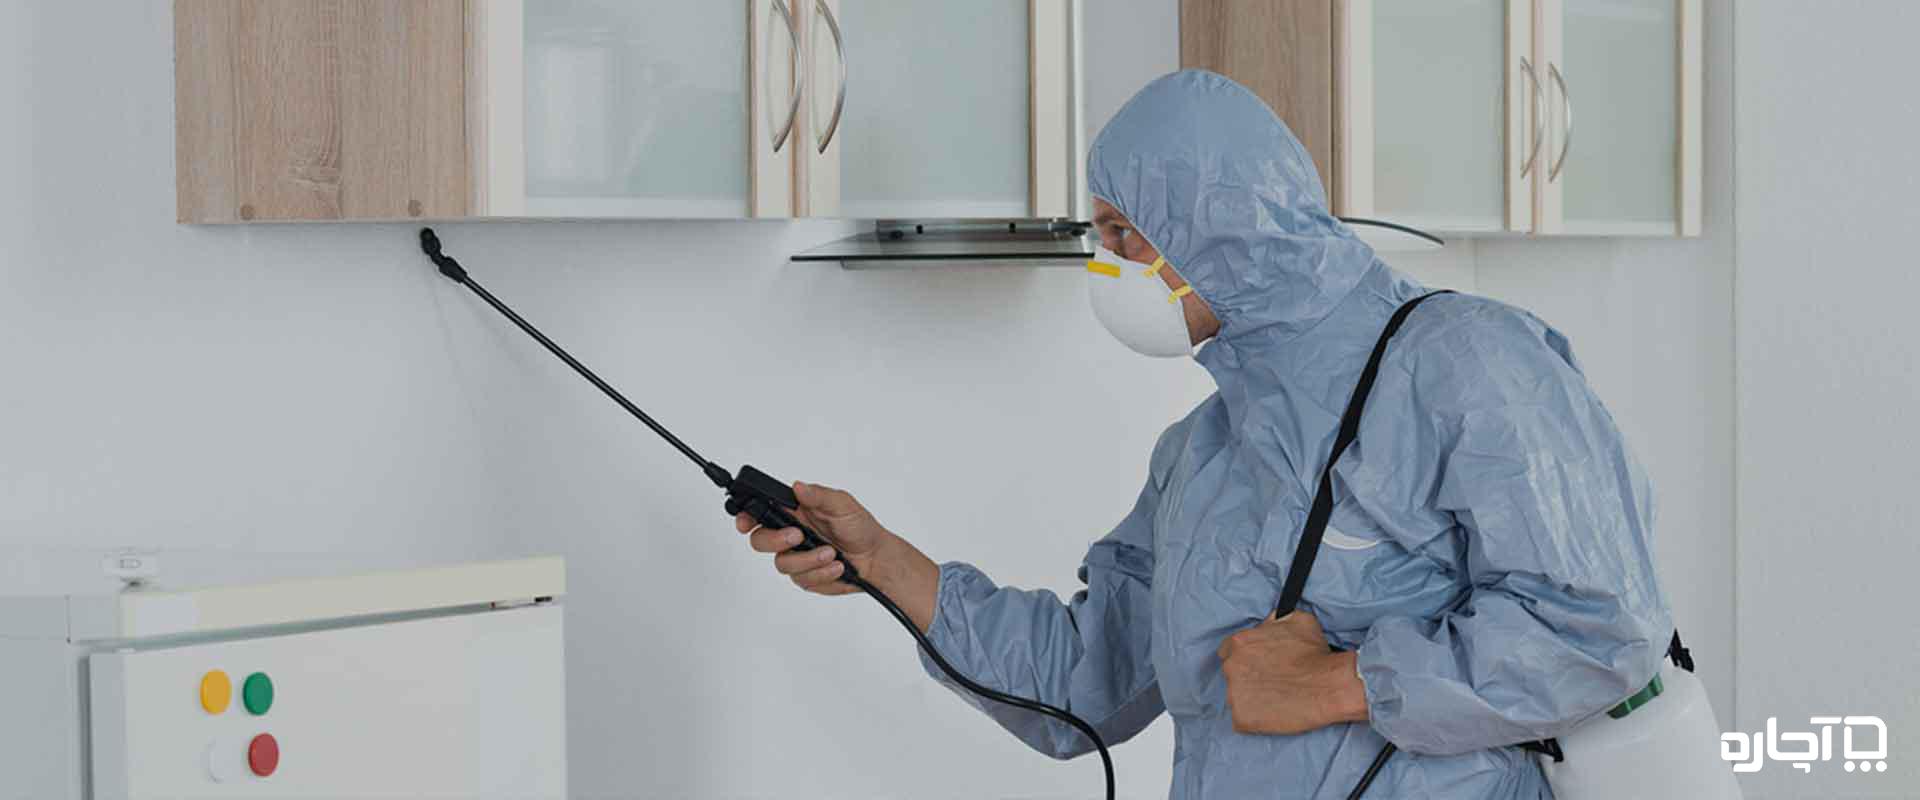 روش های موثر به غیر از سمپاشی برای محافظت از خانه